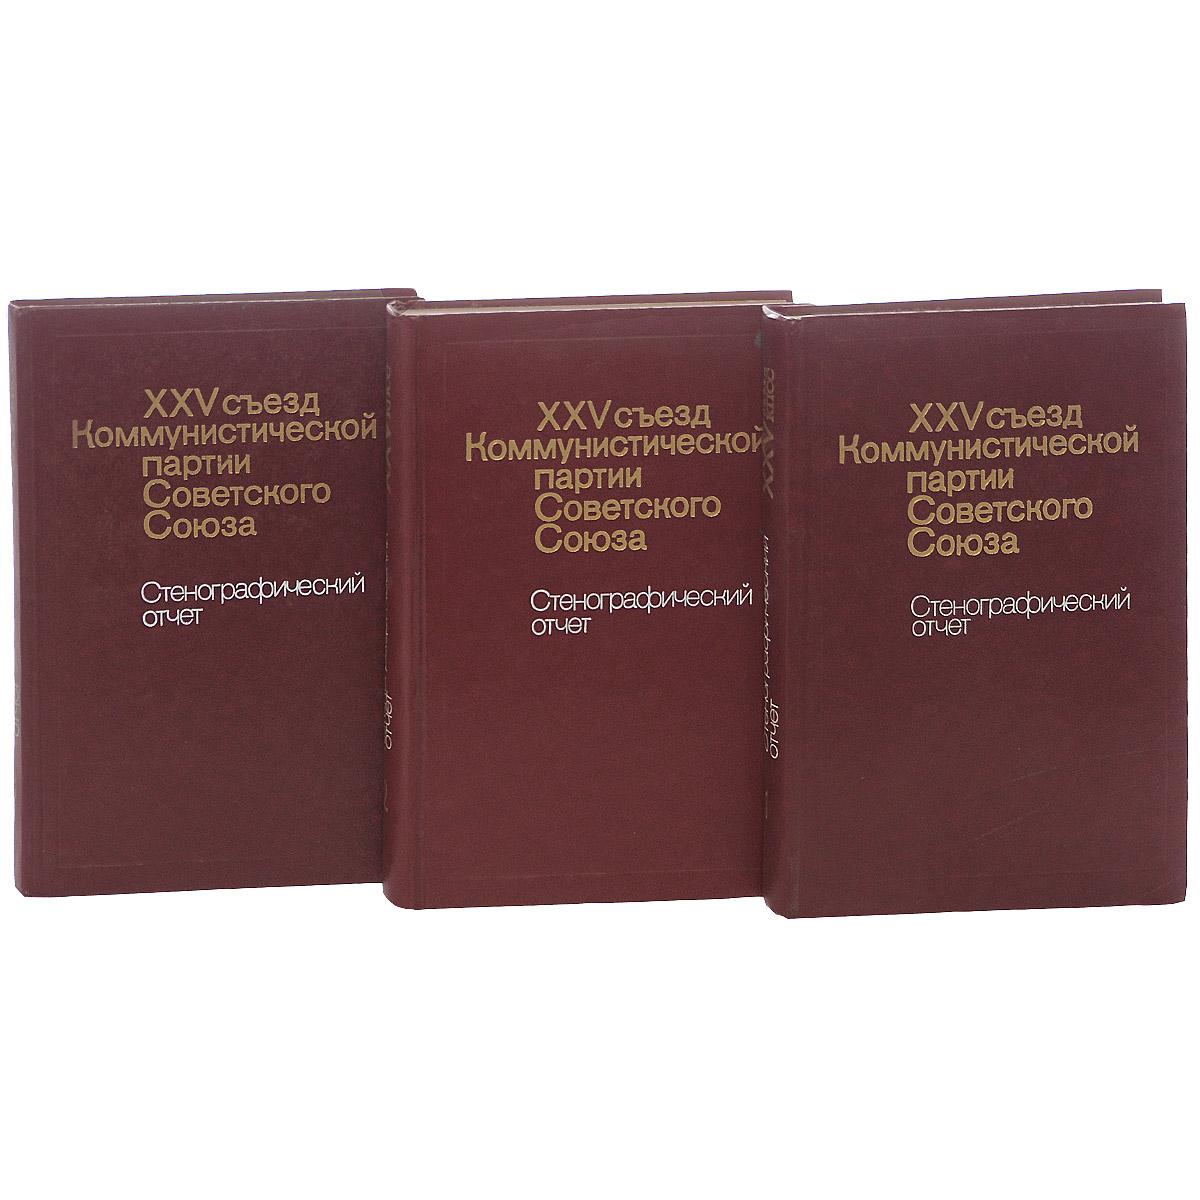 XXV съезд Коммунистической партии Советского Союза. Стенографический отчет (комплект из 3 книг)